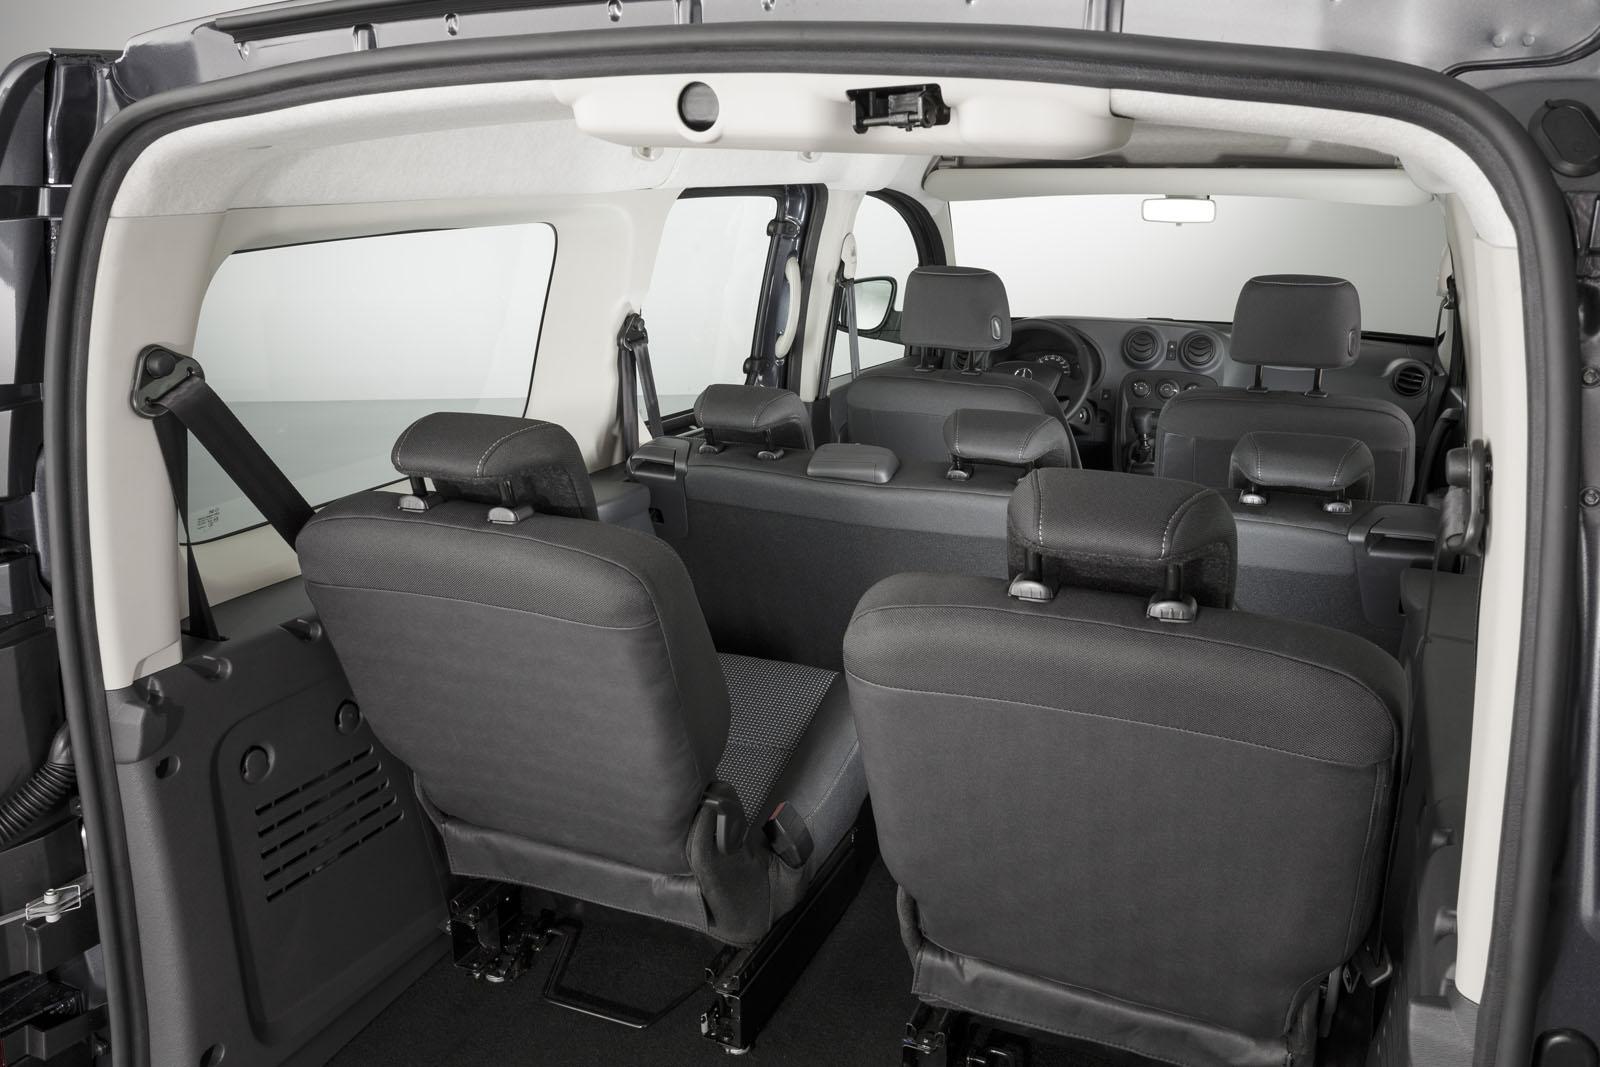 Citan Extra Long.Mercedes Benz Citan Extra Long Wheelbase Picture 102228